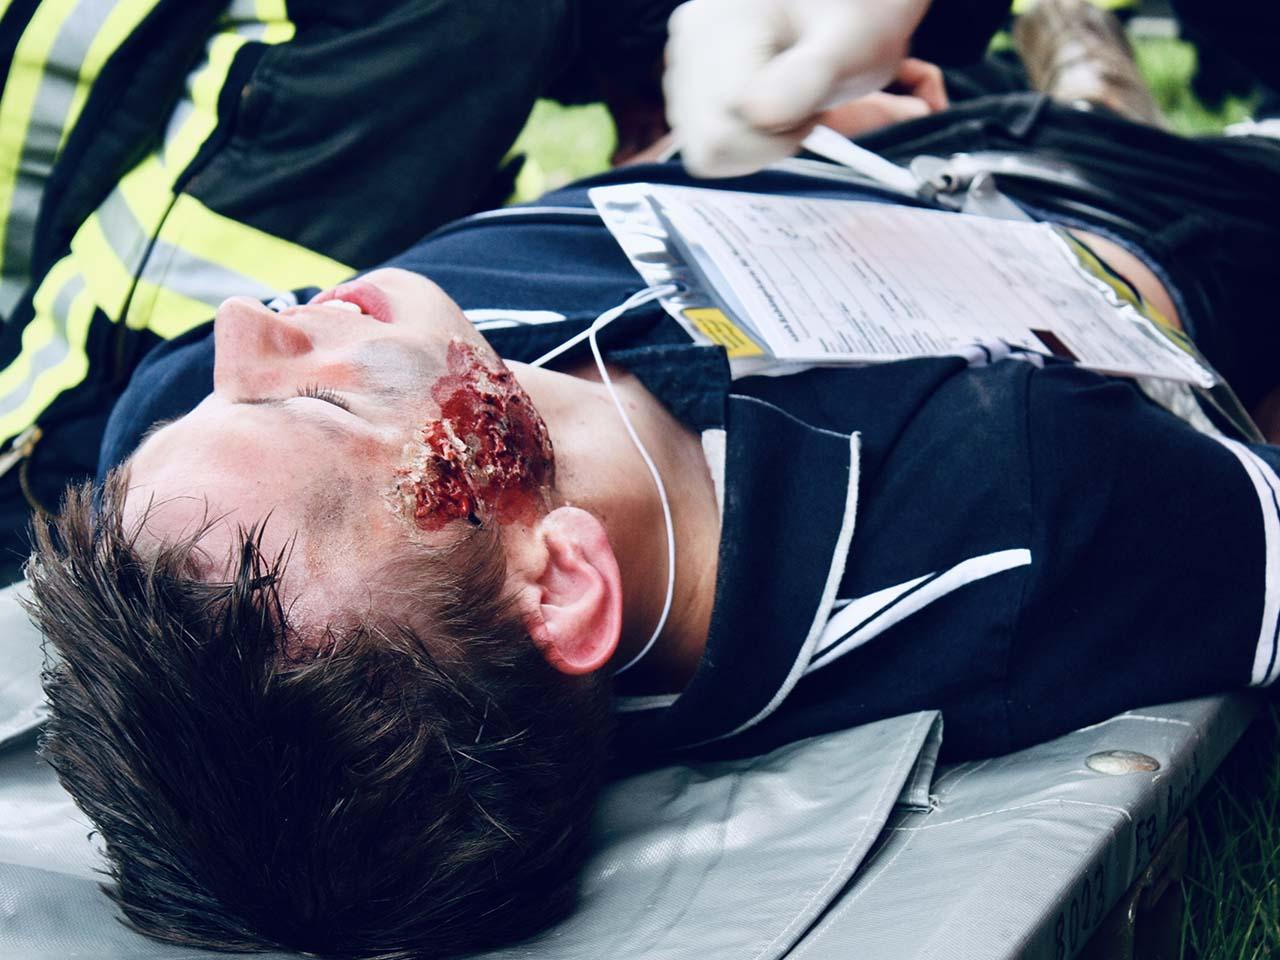 verletzte Person